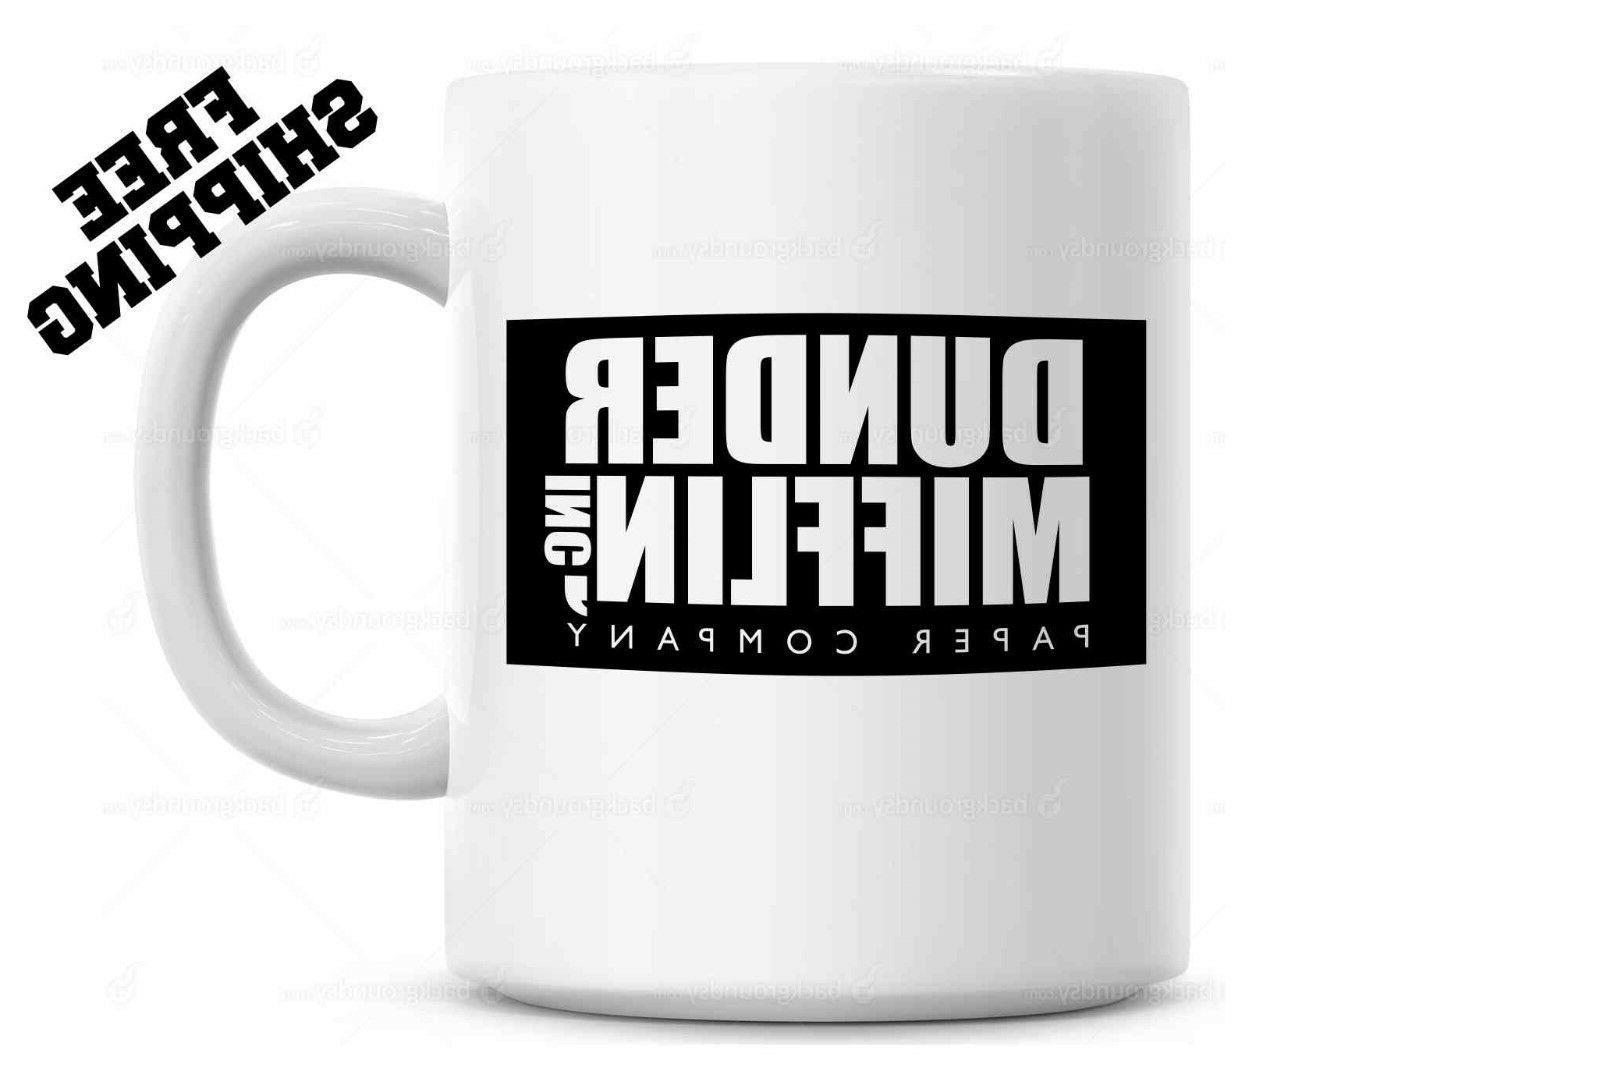 dunder mifflin worlds best boss funny coffee